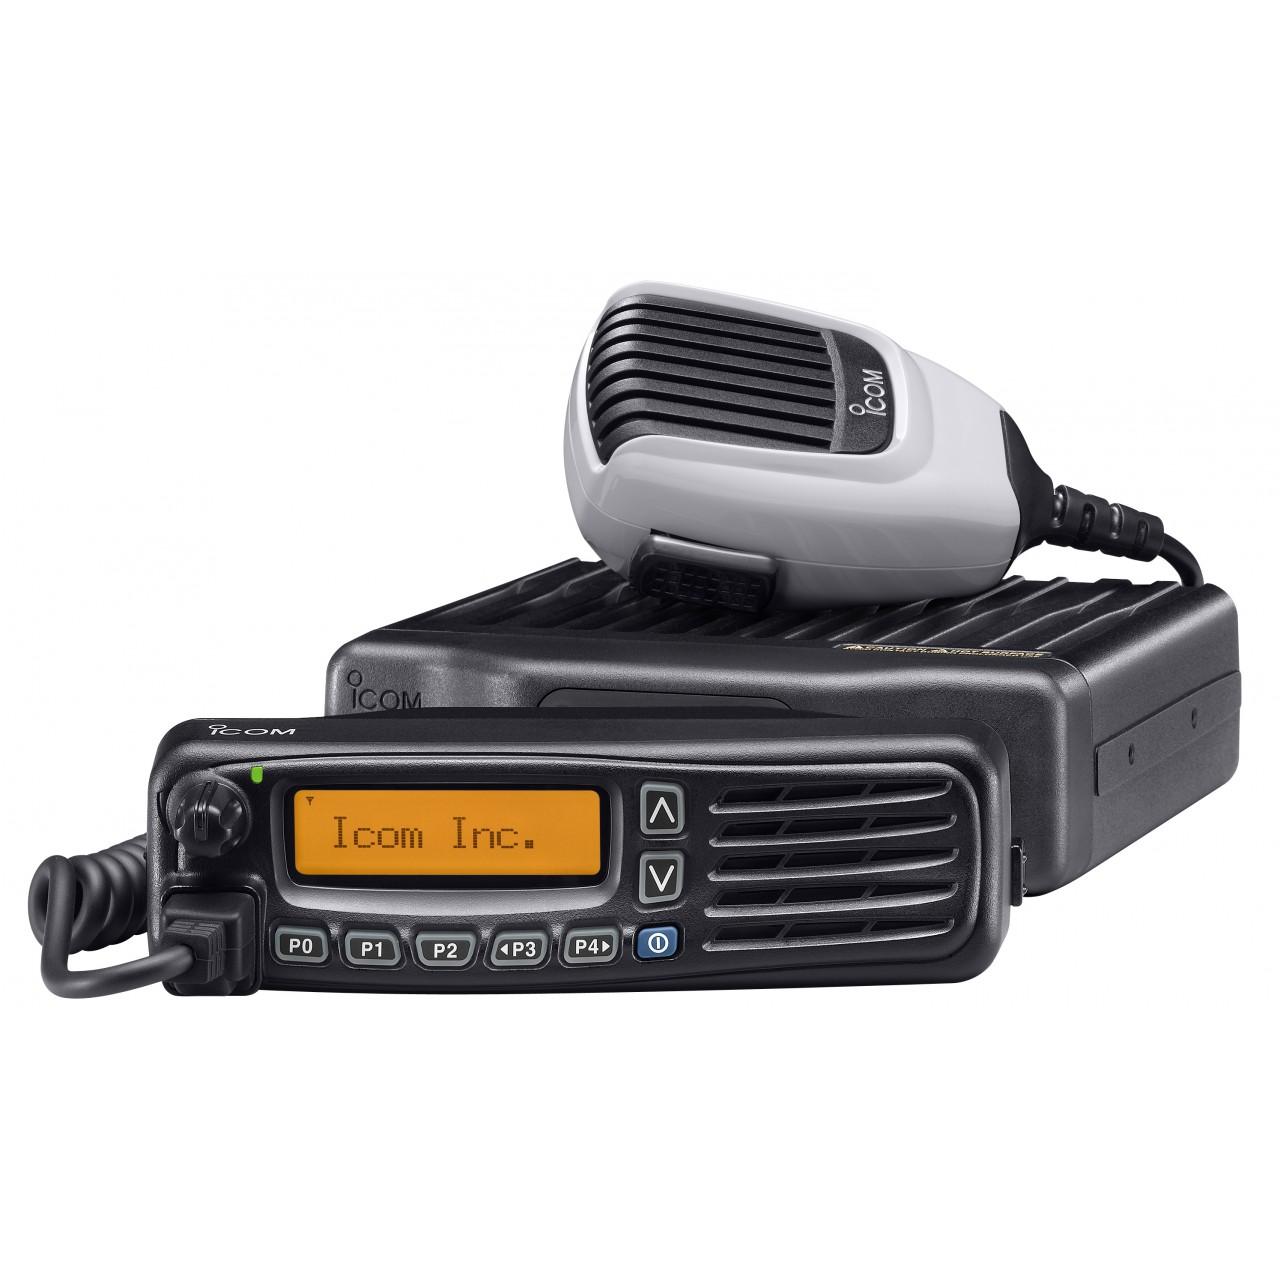 IC-F6062D Mobiles - ICOM